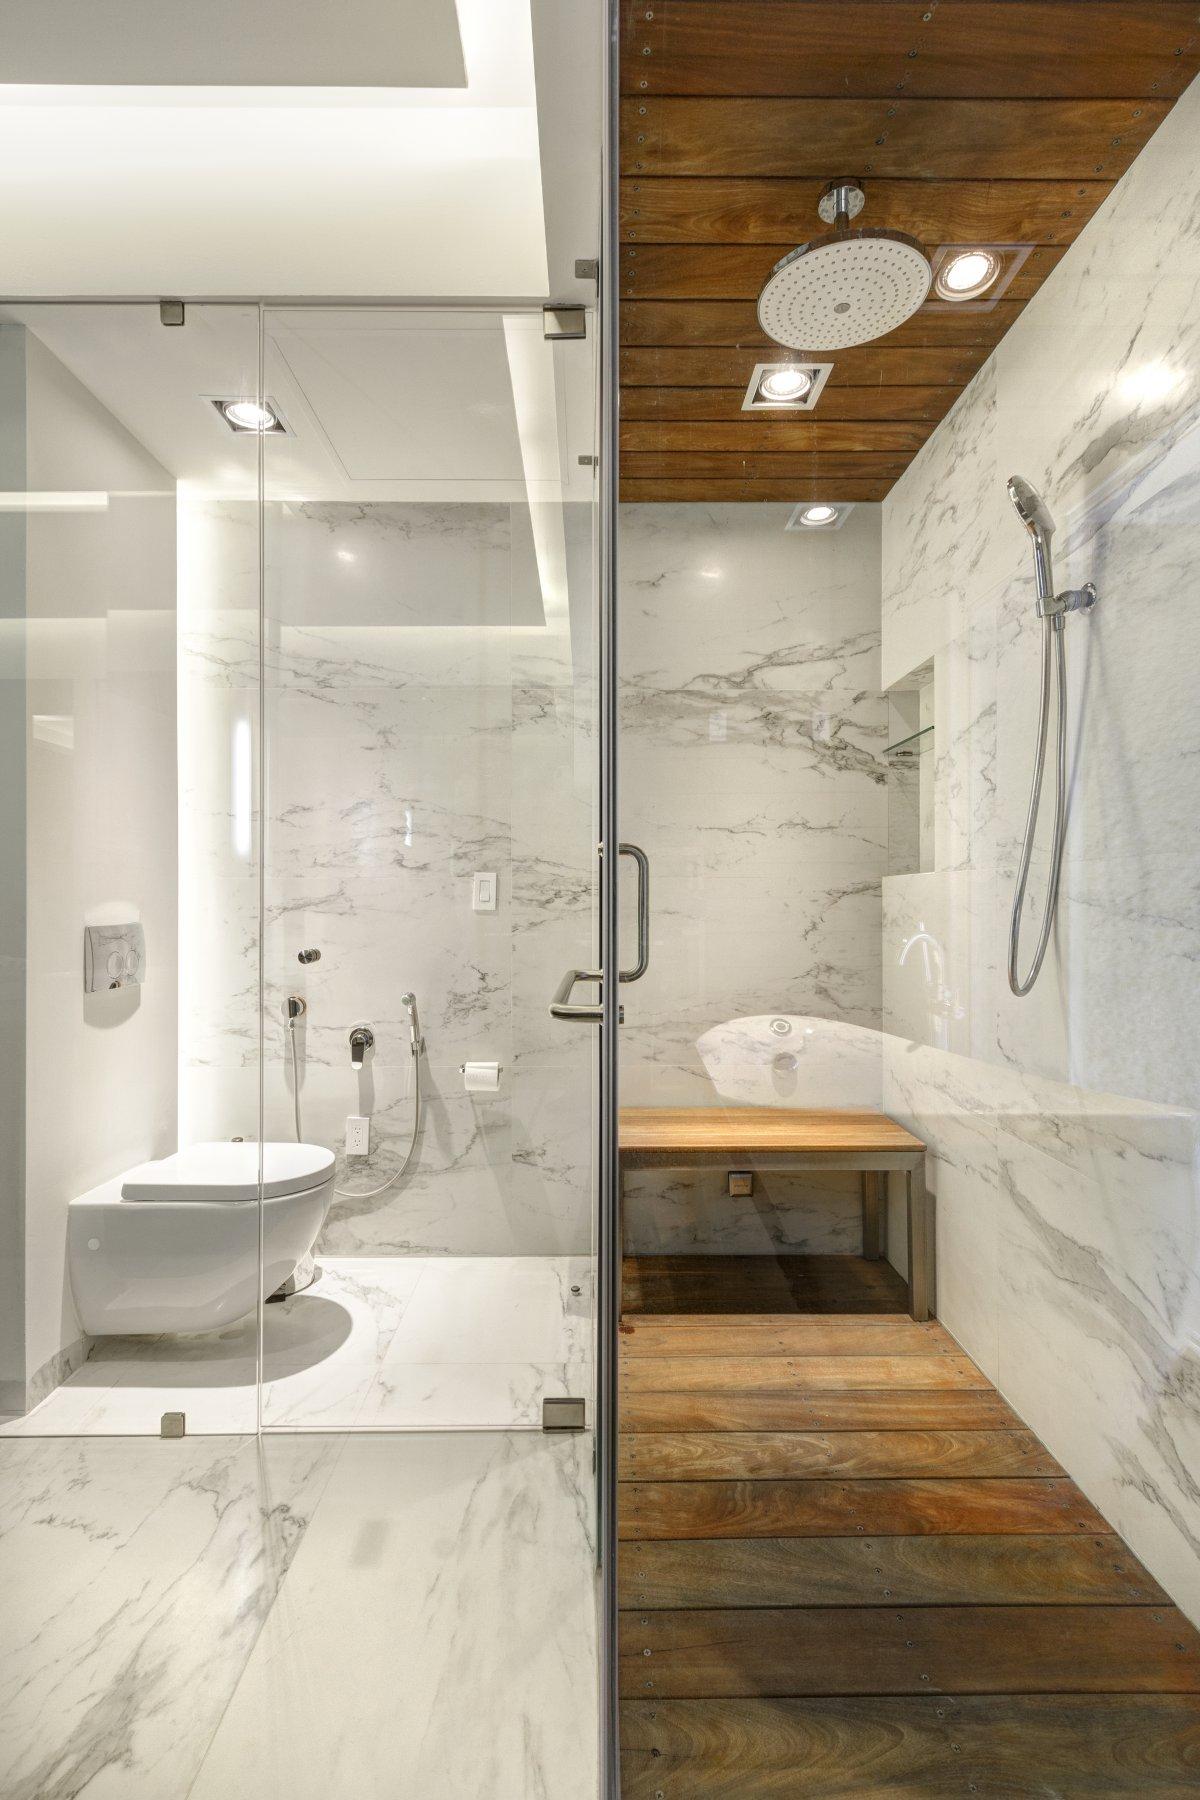 baño marmol y madera lassala-orozco-casa-lr-302-guadalajara-mexico-3